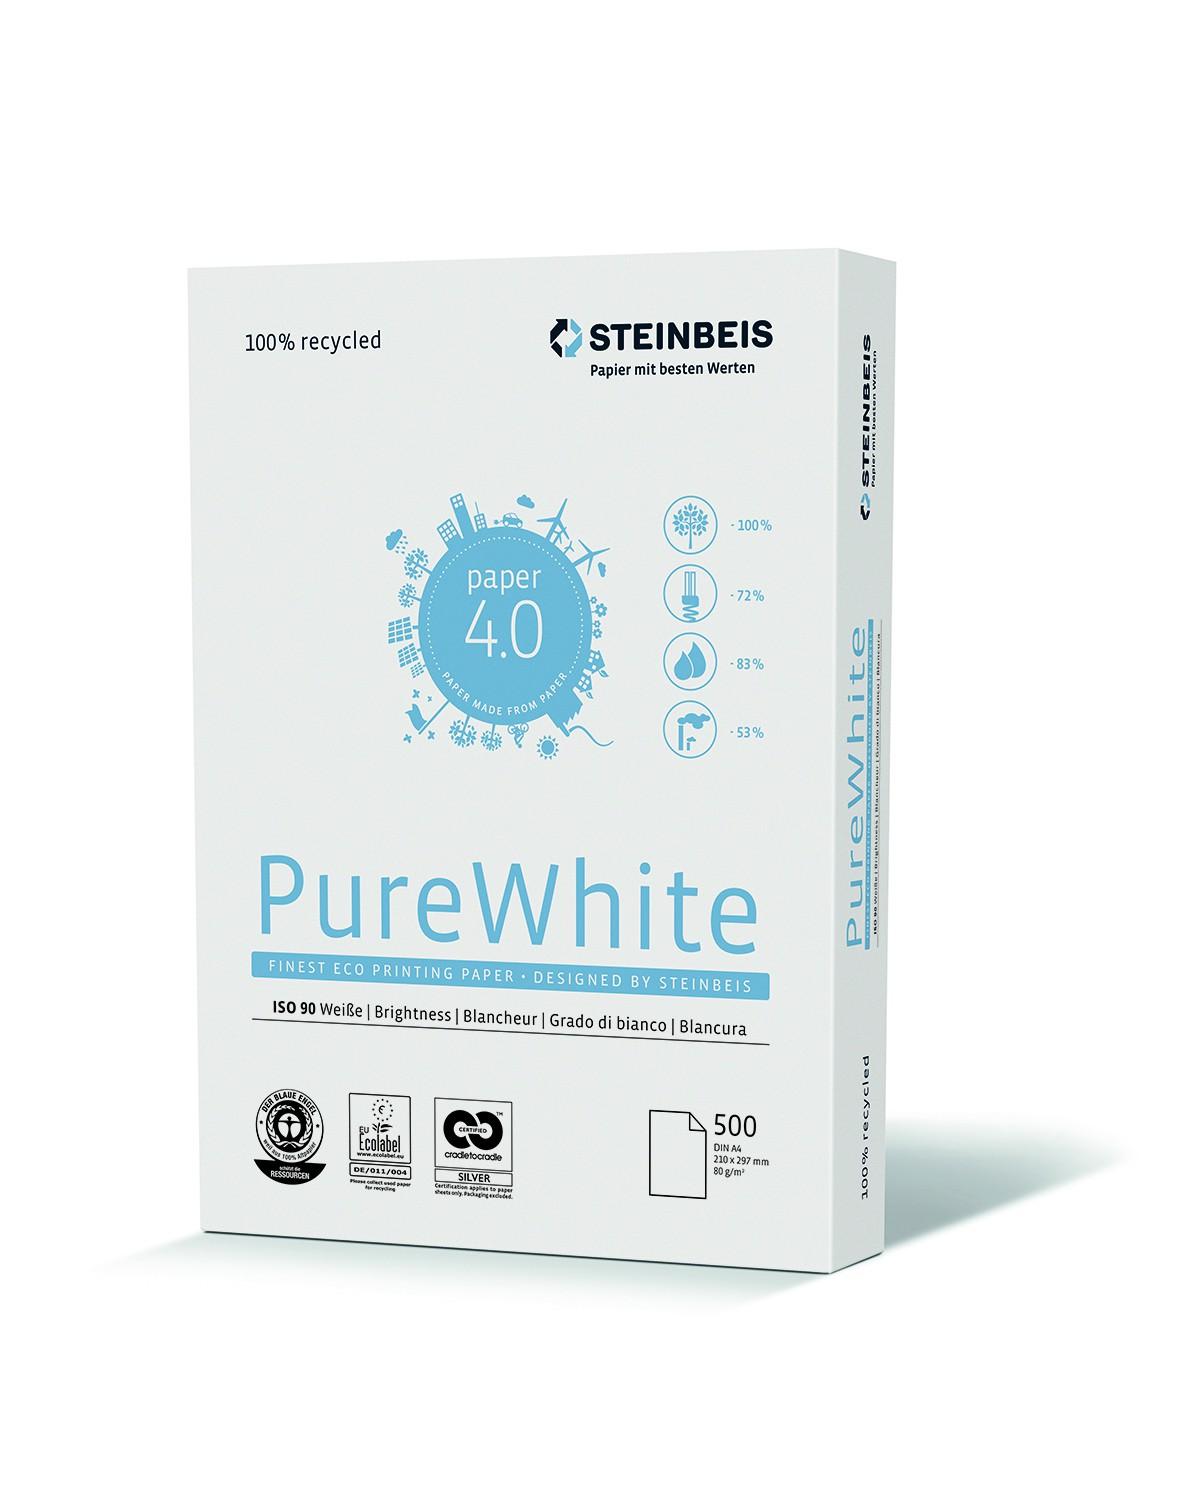 Vorschau: Steinbeis Pure White 80g/m² DIN-A4 500 Blatt